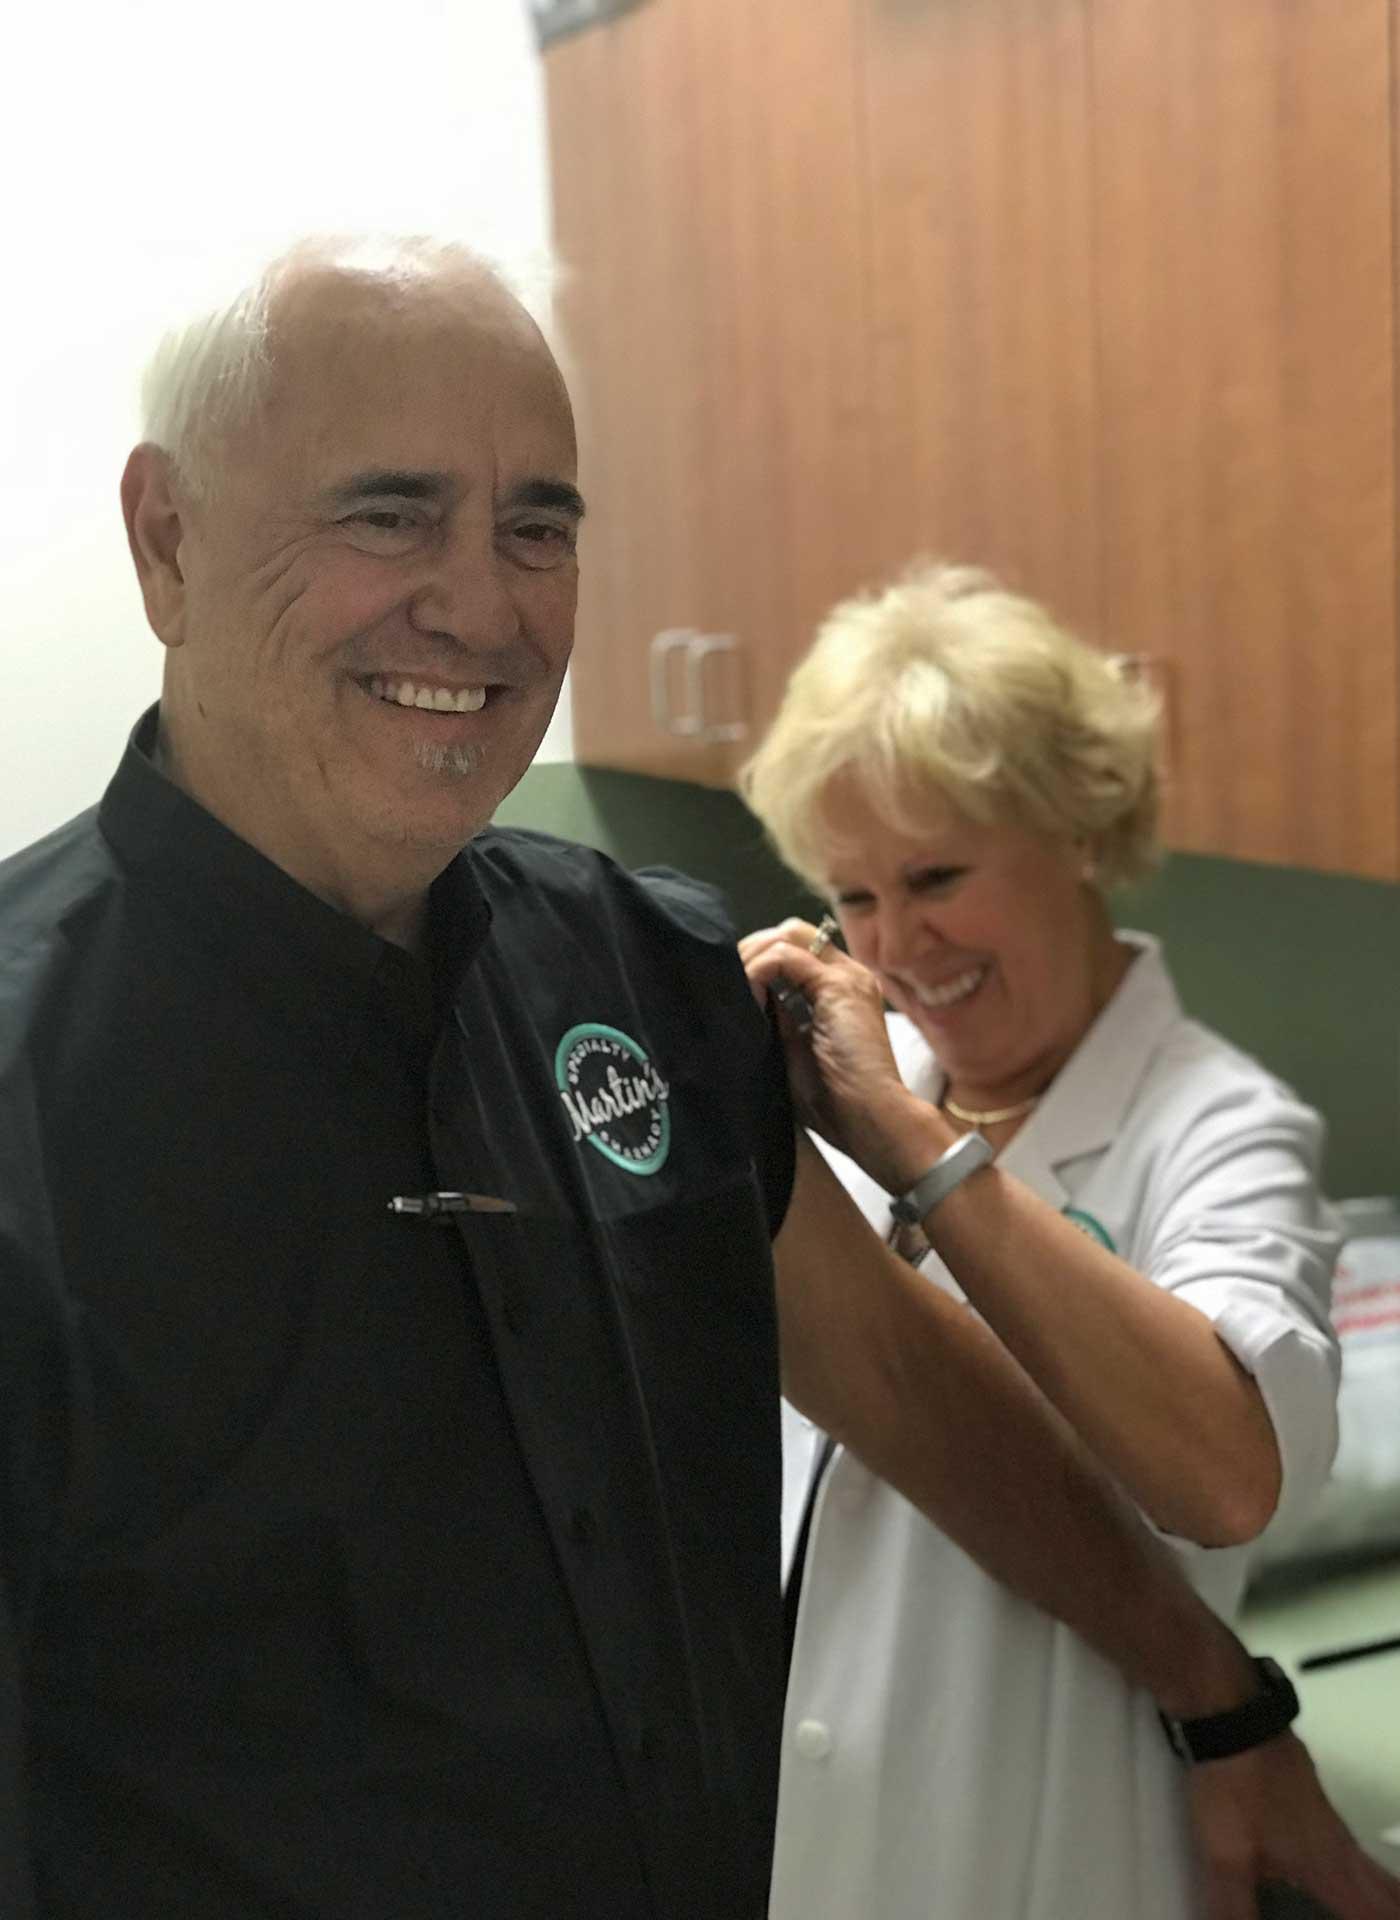 Dorinda vaccinating Jim